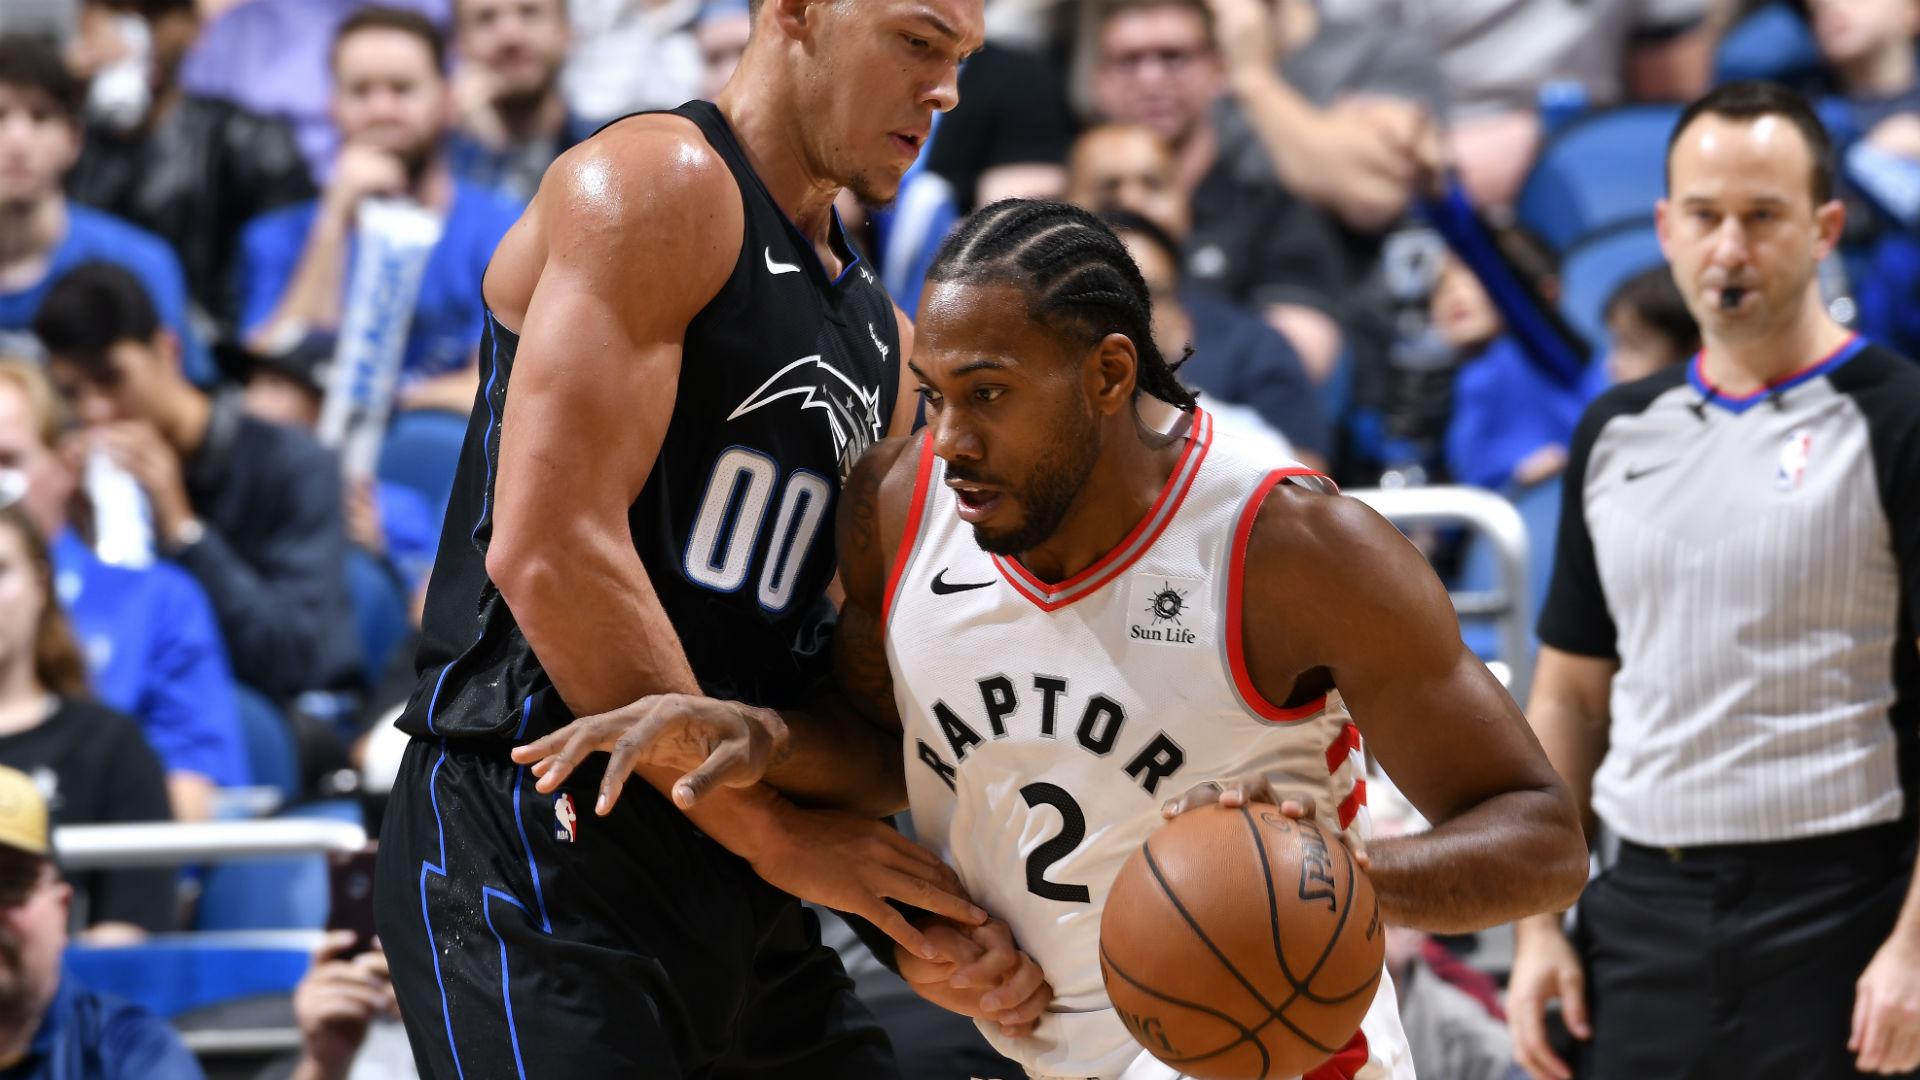 Match Preview Live Stream Info: Toronto Raptors Vs. Orlando Magic: Game Preview, Live